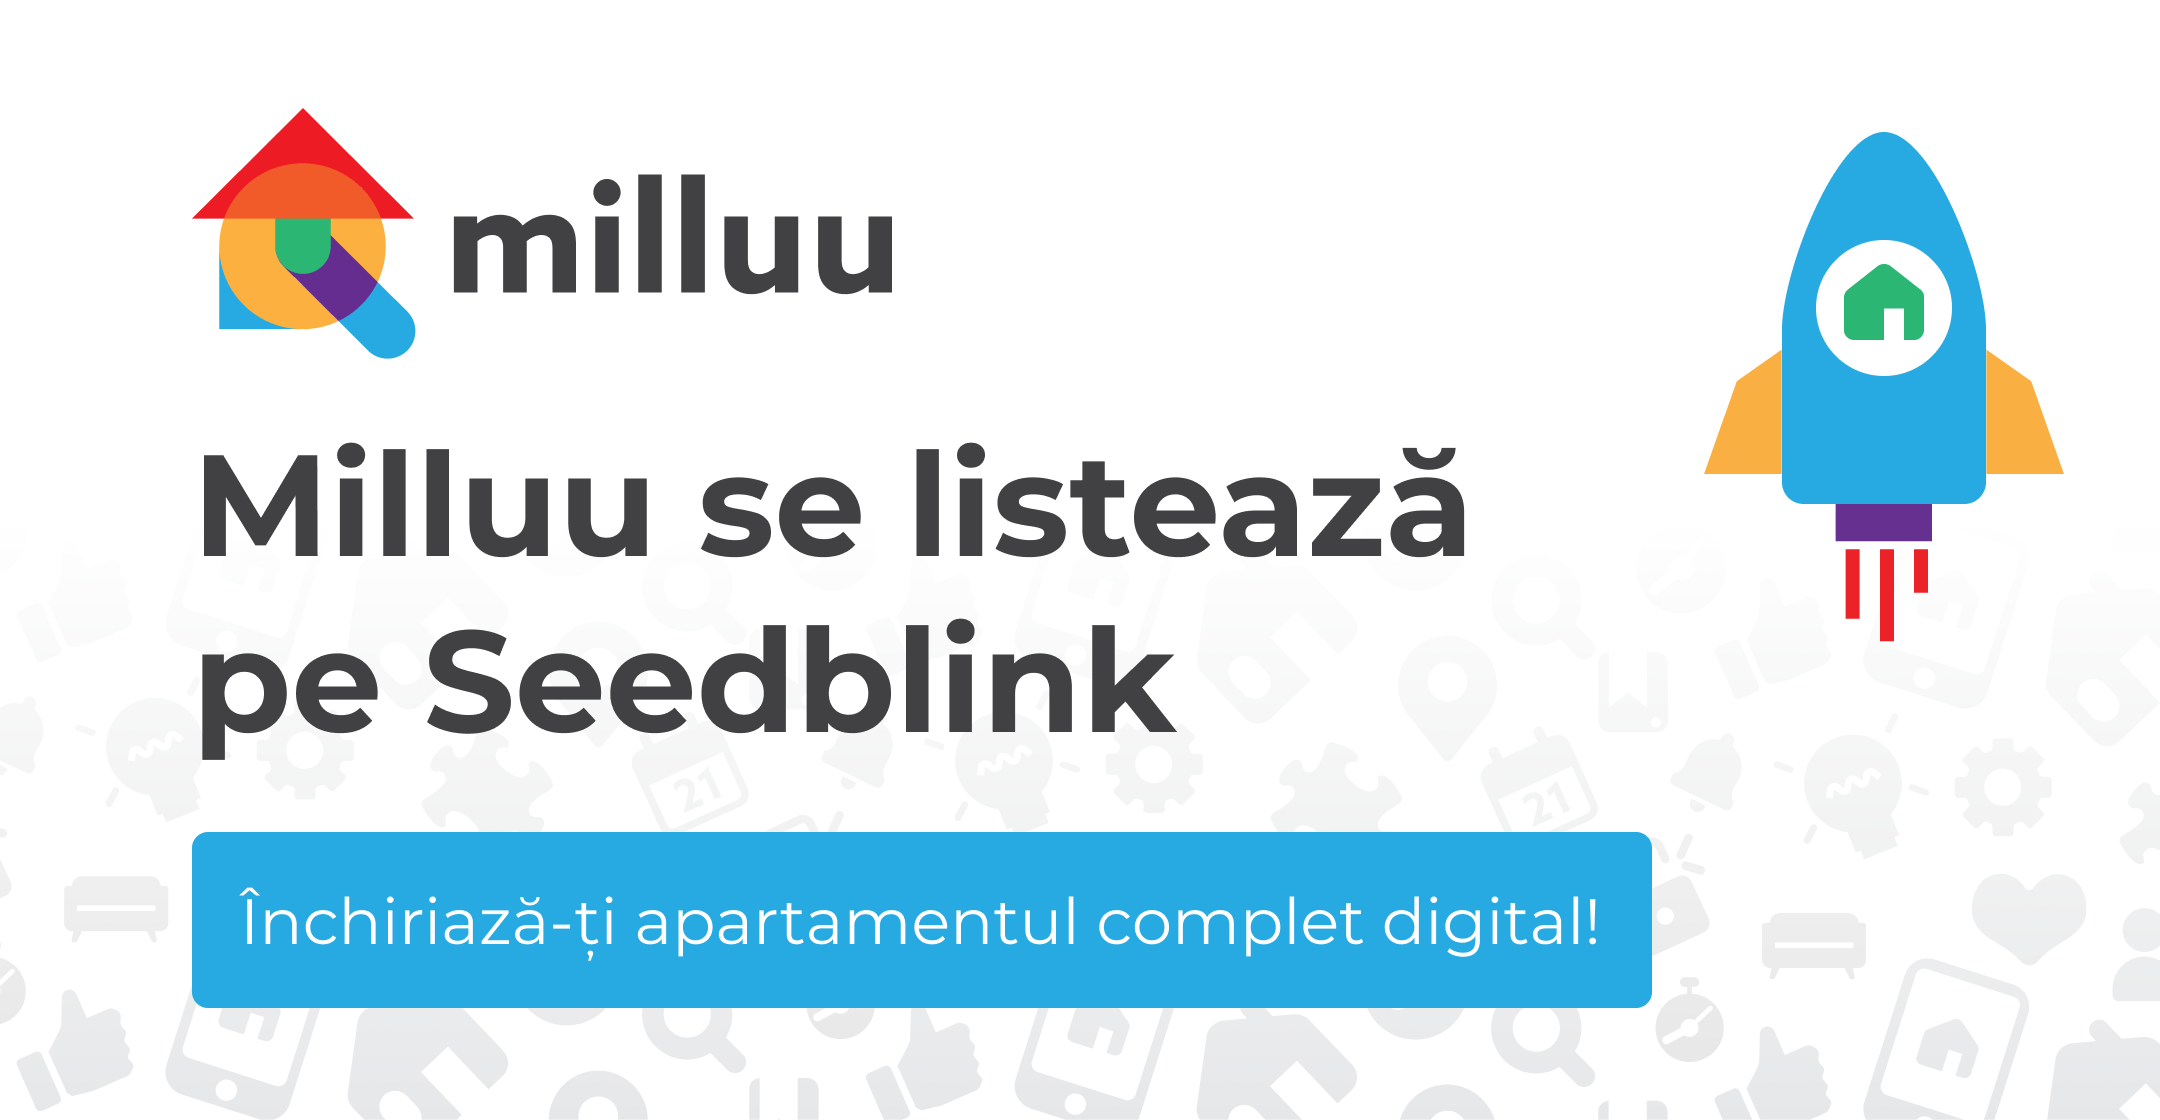 Milluu se listează pe Seedblink și vizează o rundă nouă de investiții